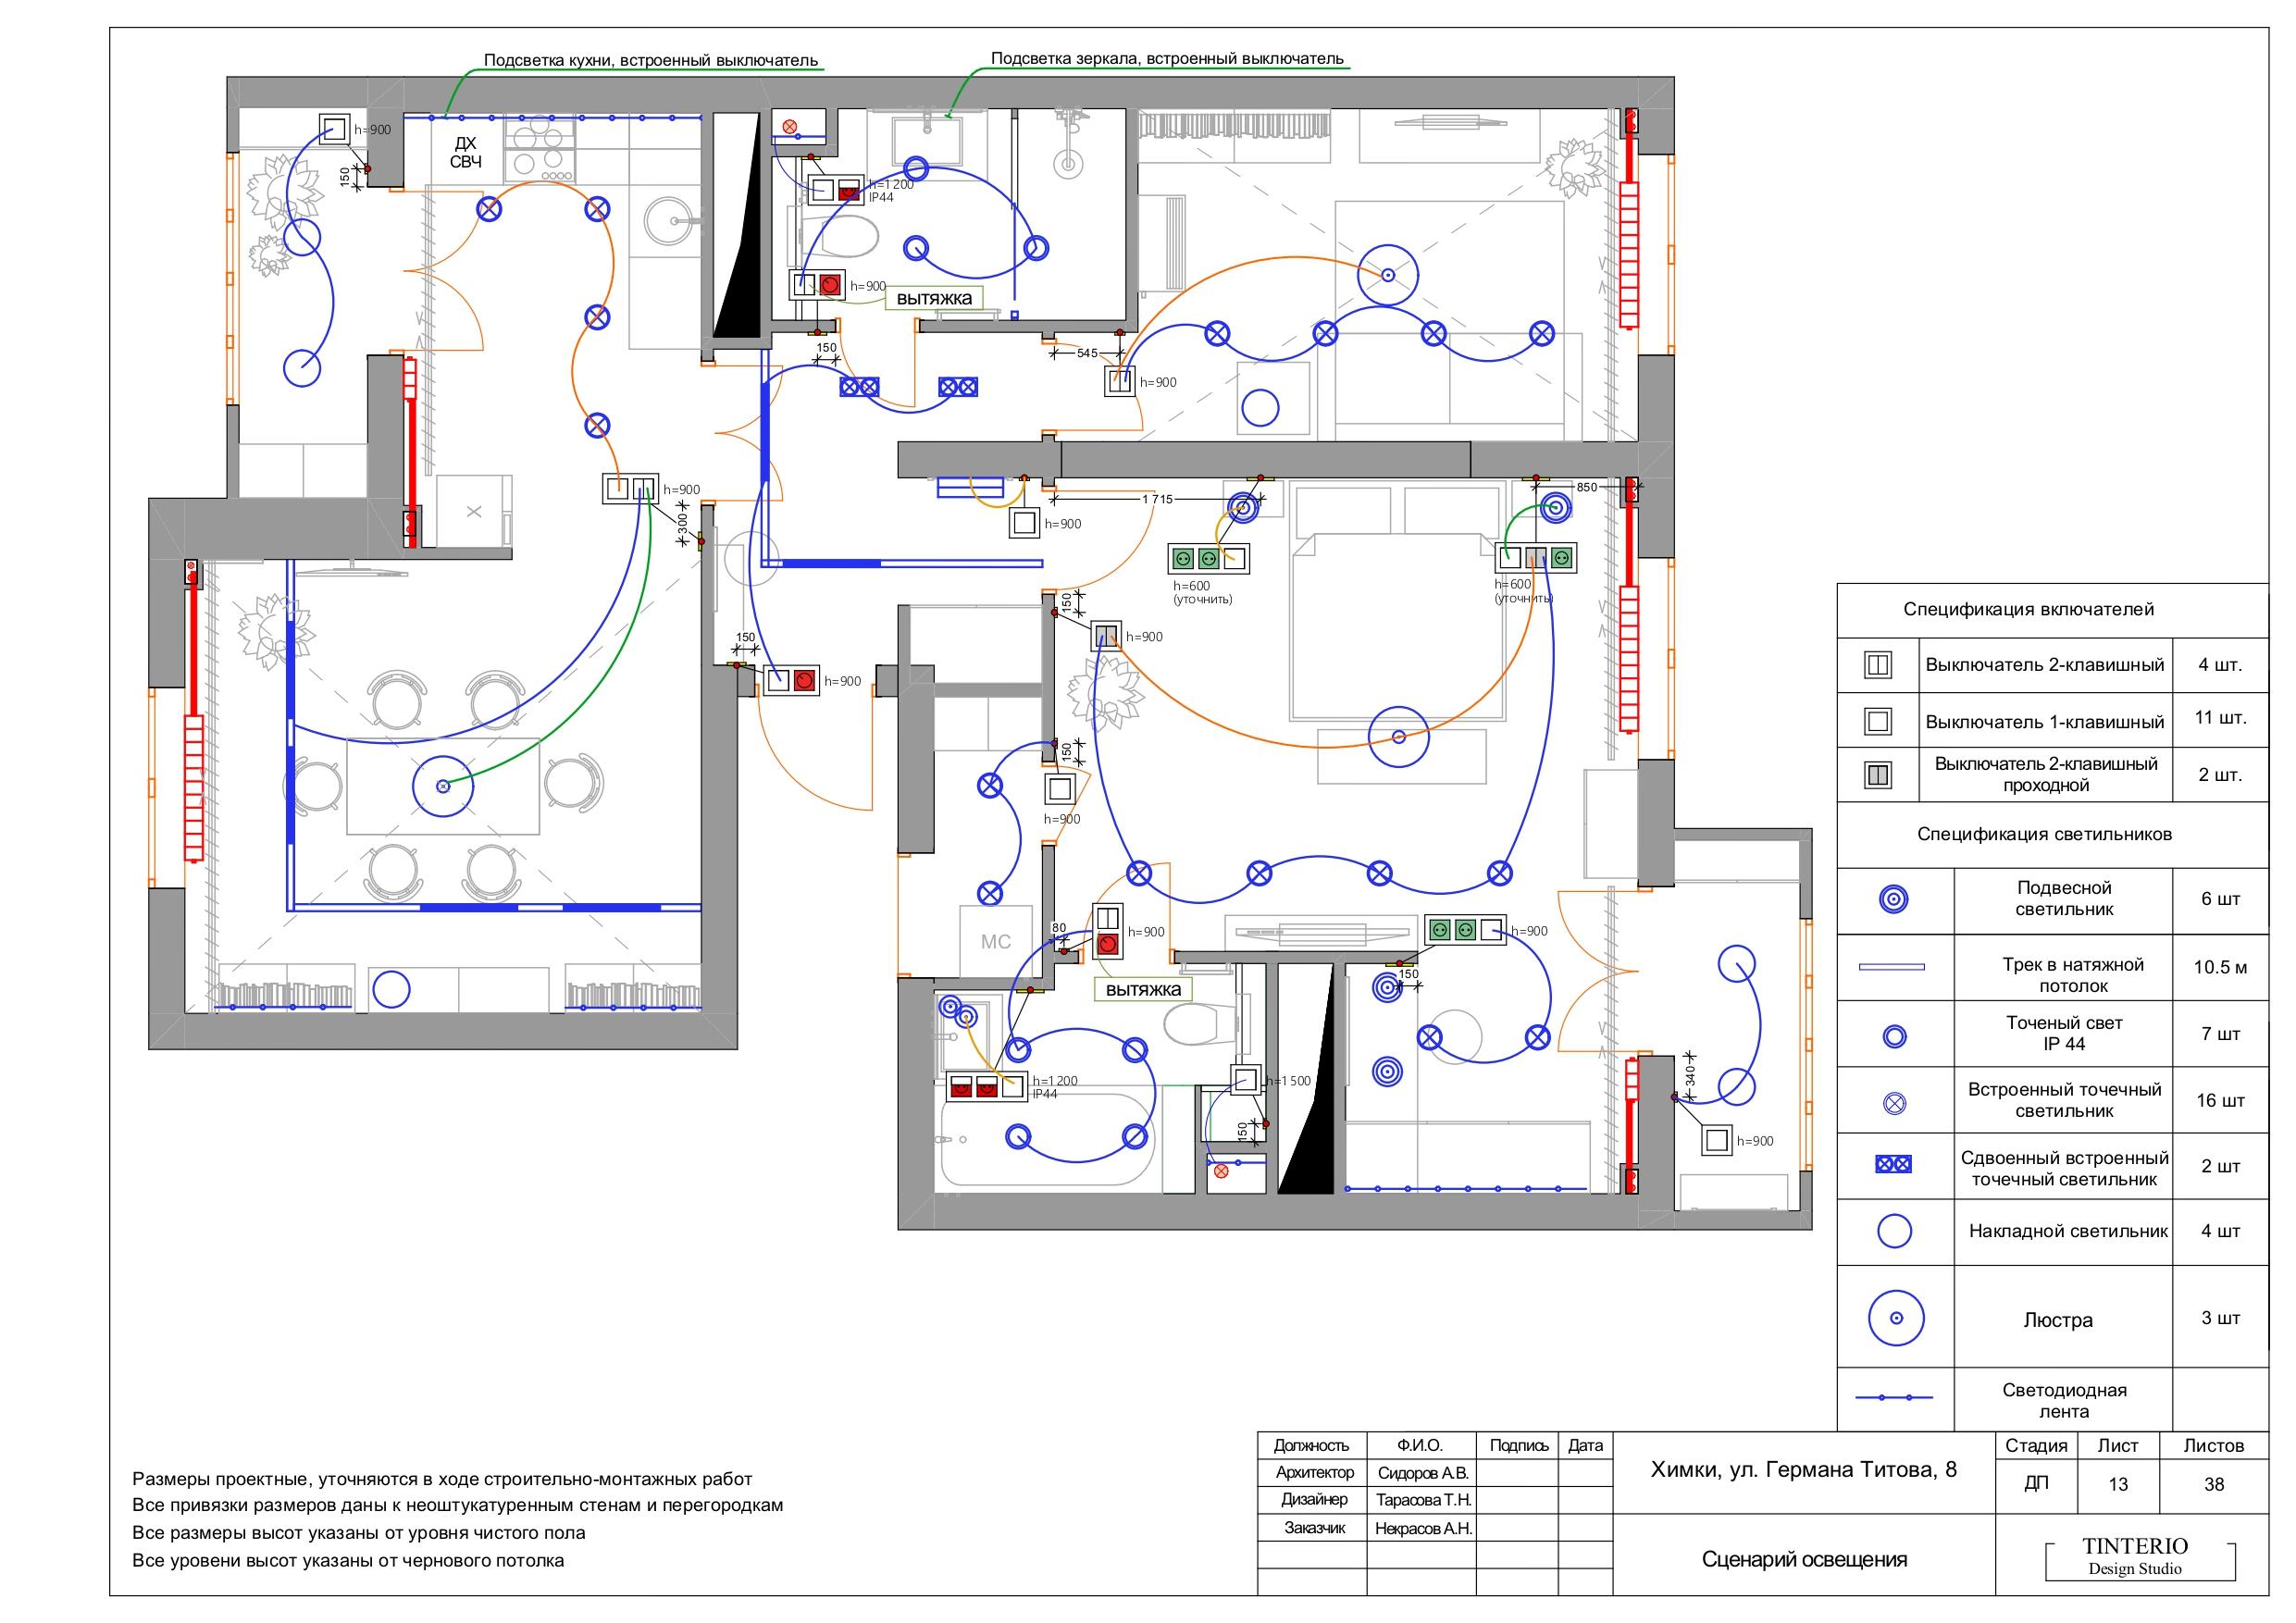 Пример проекта_page-0014